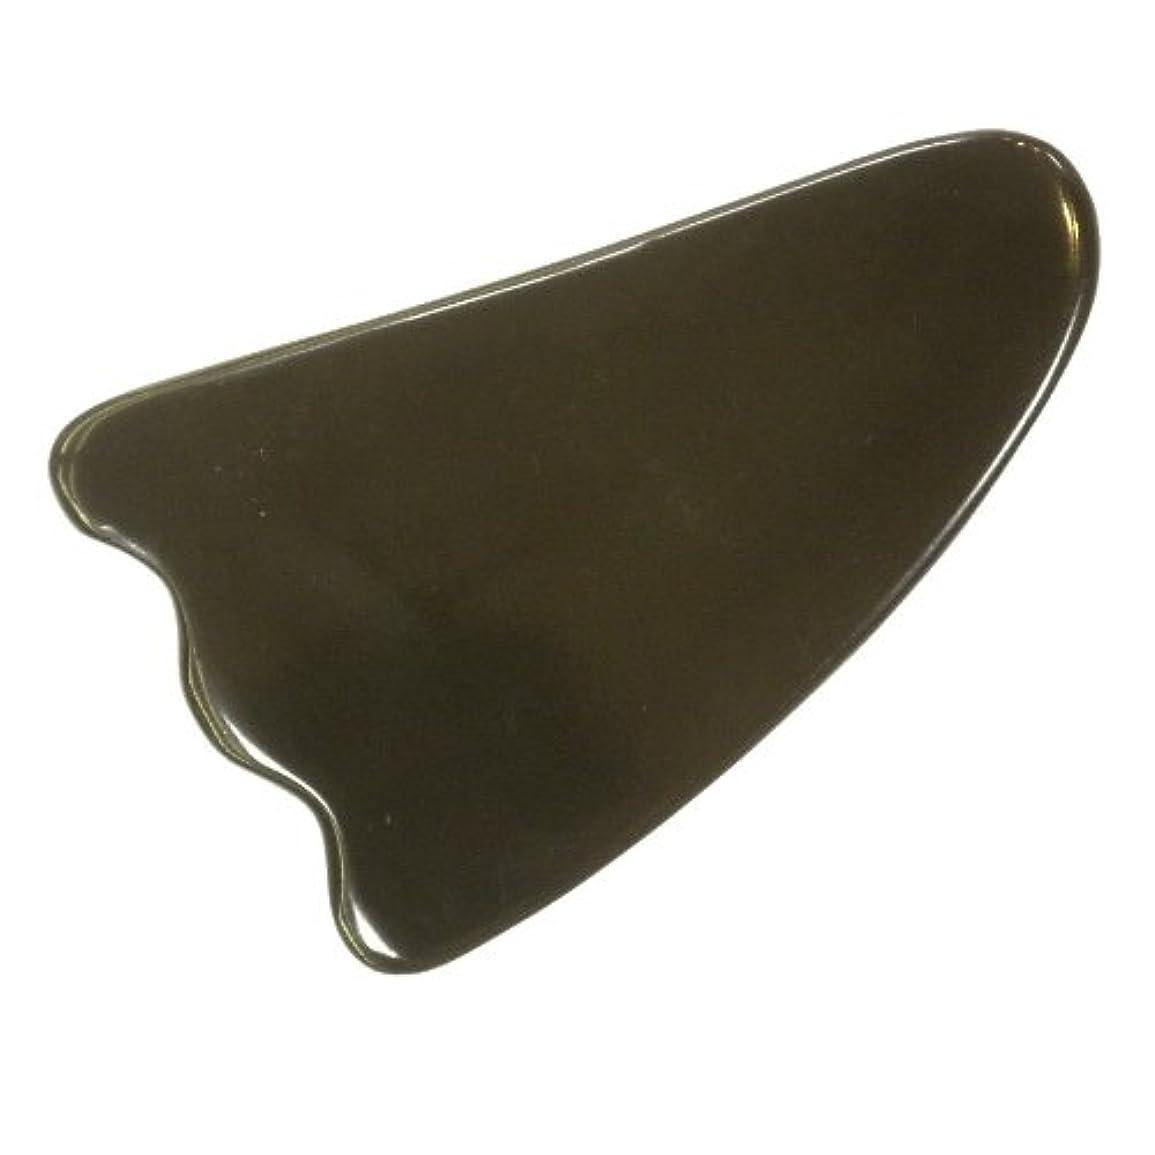 主人雑草泣き叫ぶかっさ プレート 厚さが選べる 水牛の角(黒水牛角) EHE213SP 羽根型 特級品 厚め(7ミリ程度)